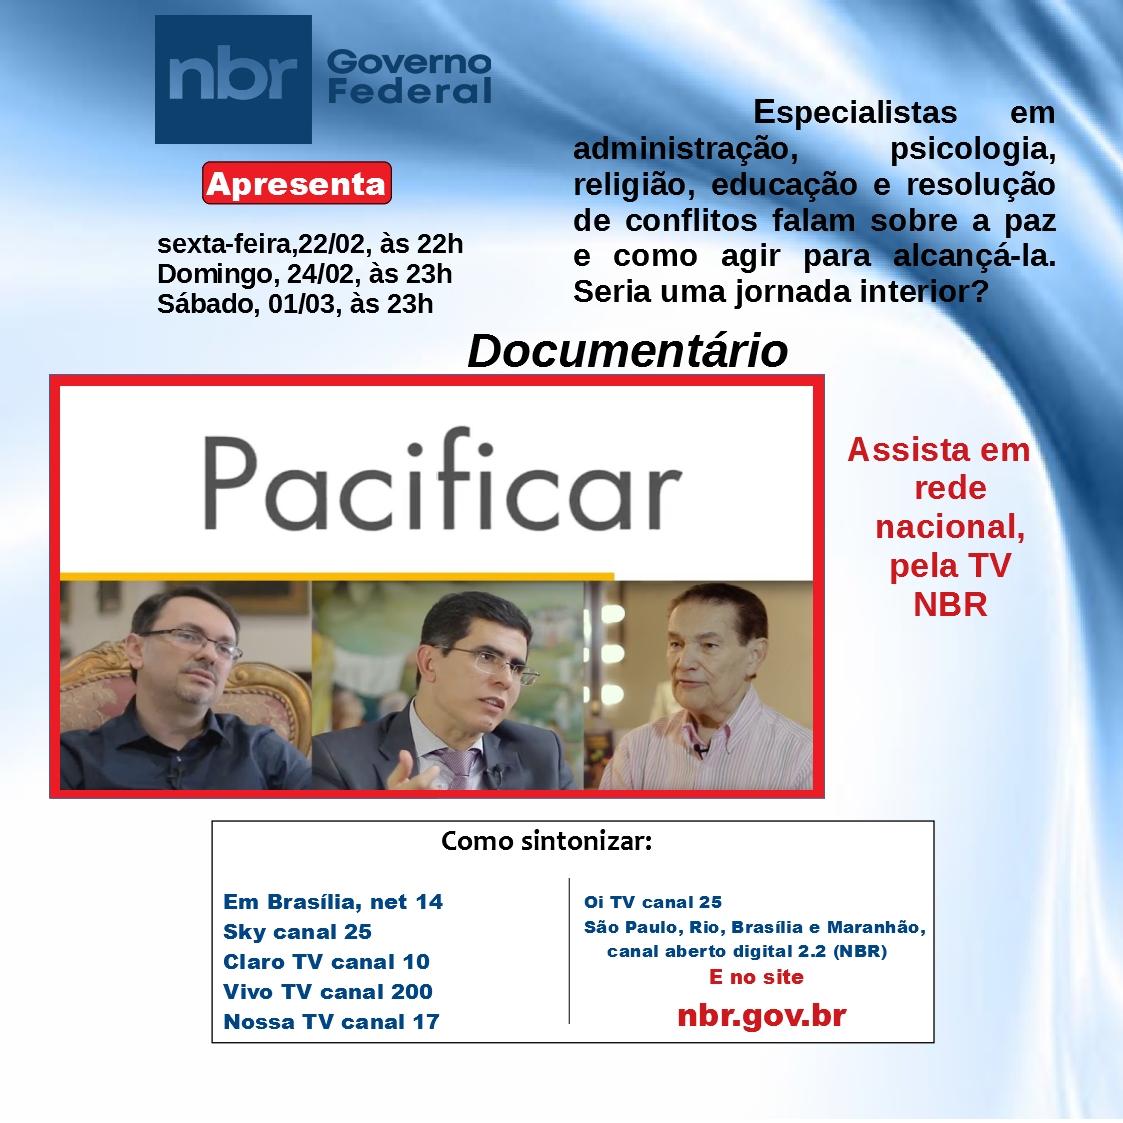 Espiritismo no canal de TV nbr